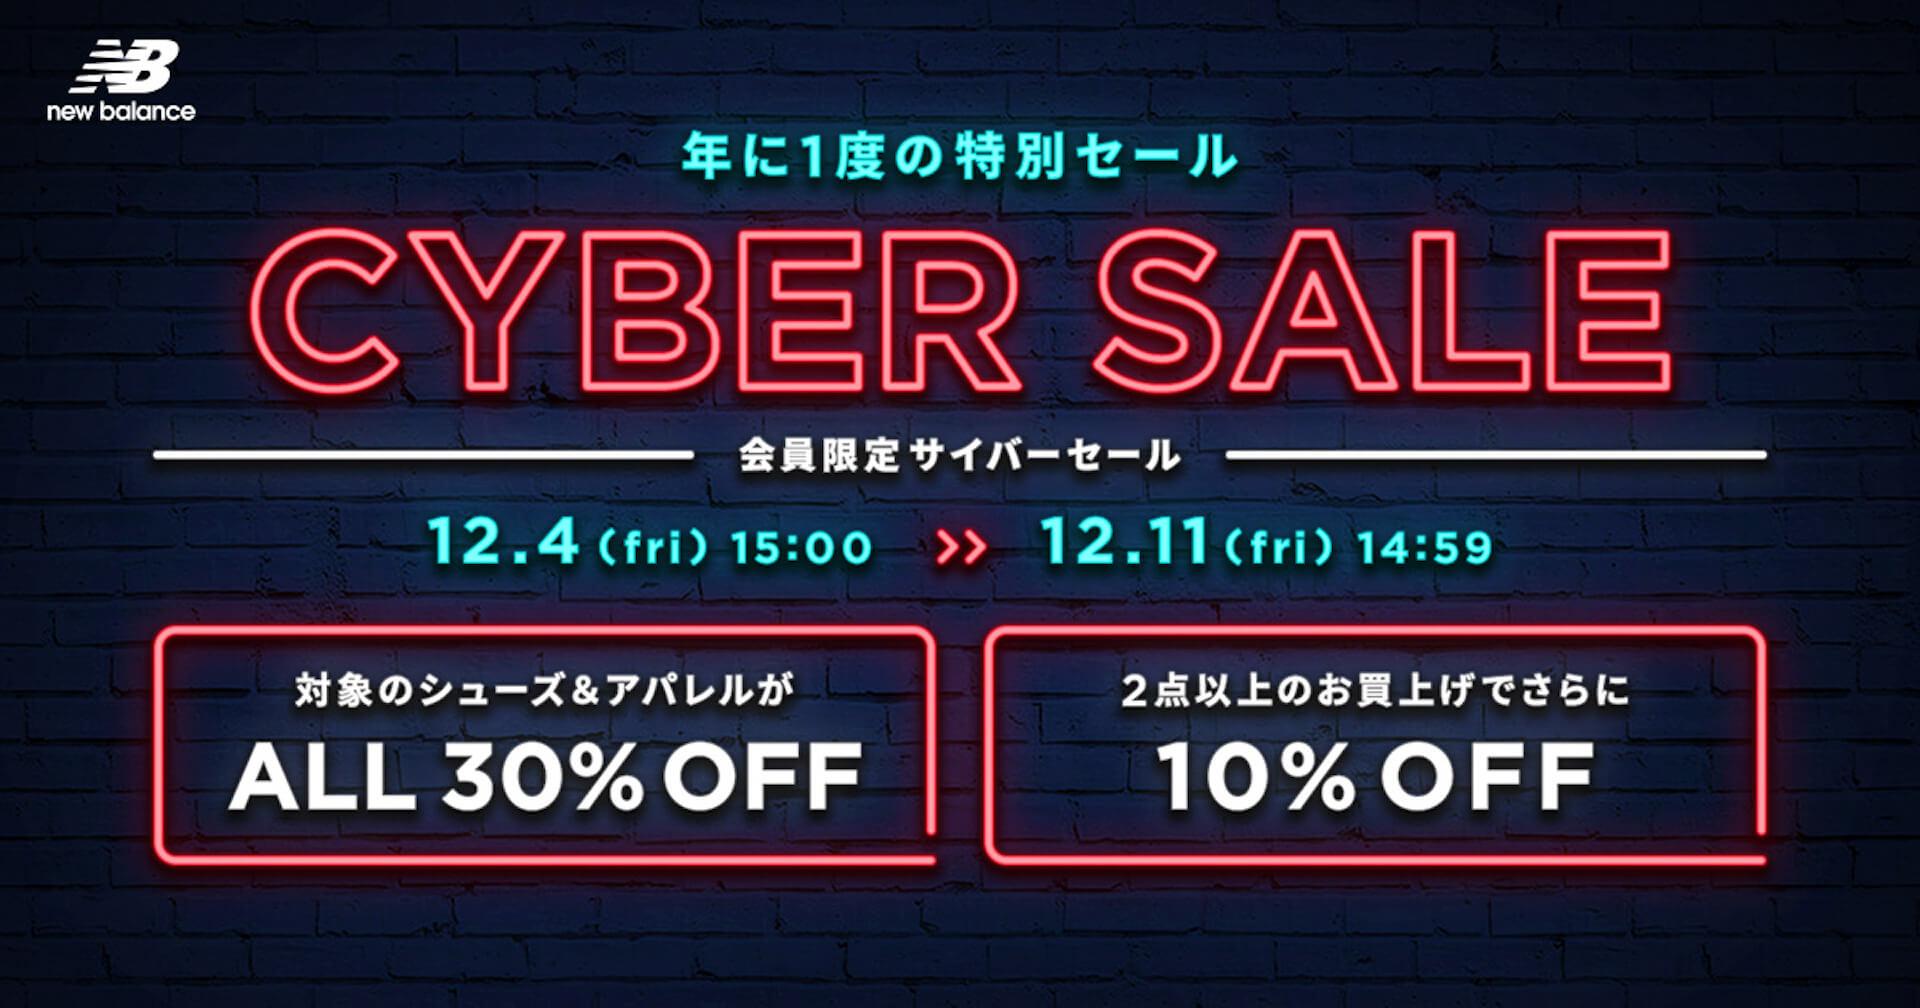 ニューバランス公式オンラインストアにて全品30%オフの『CYBER SALE』が開催!人気の996シリーズやアパレルコレクションがラインナップ fashion20121_newbalance_sale_1